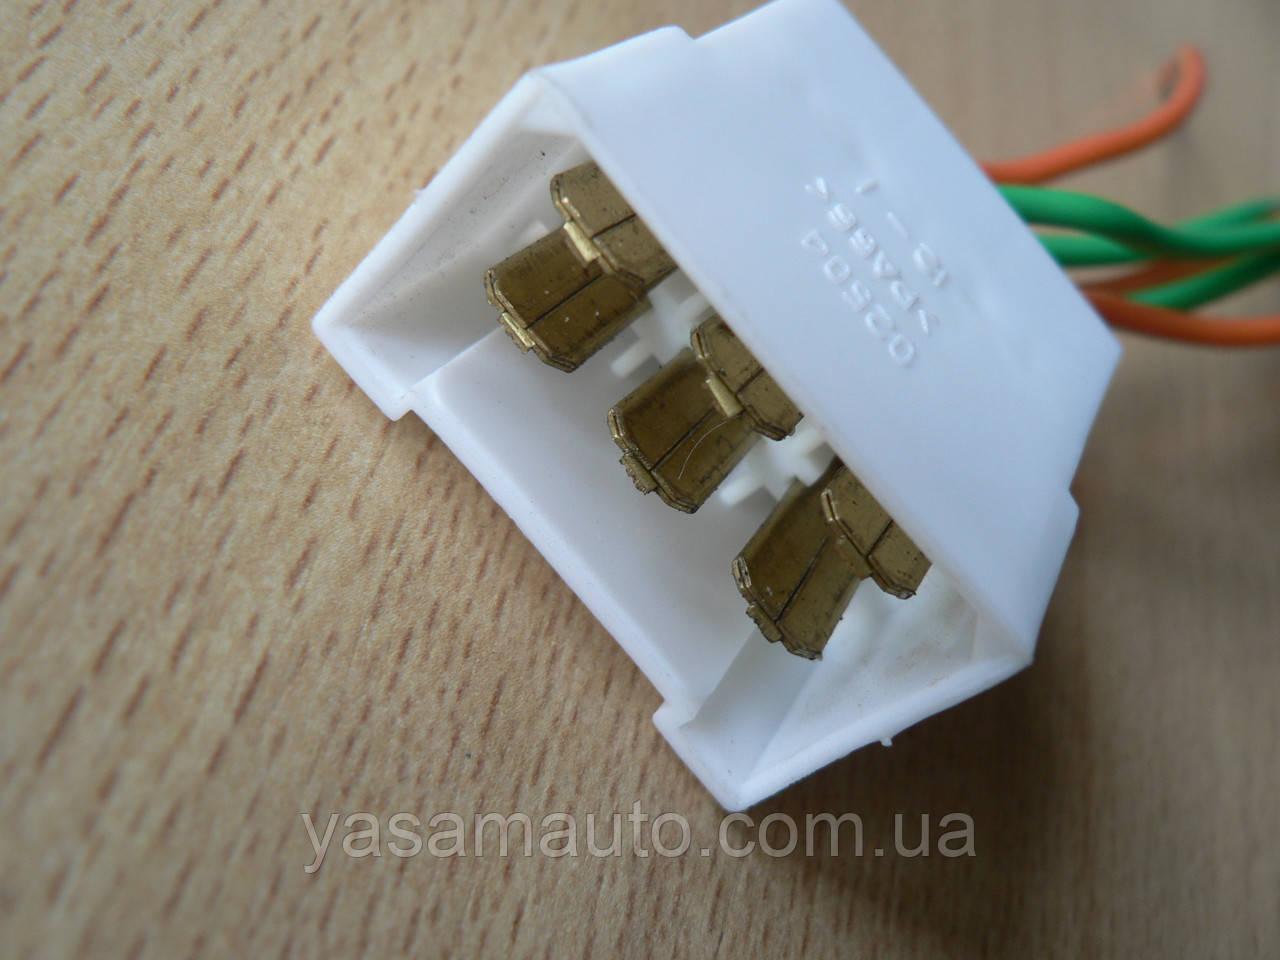 Колодка Фишка разъем проводки на 6 контактов папа вилка с проводами два цвета 100мм пара К06